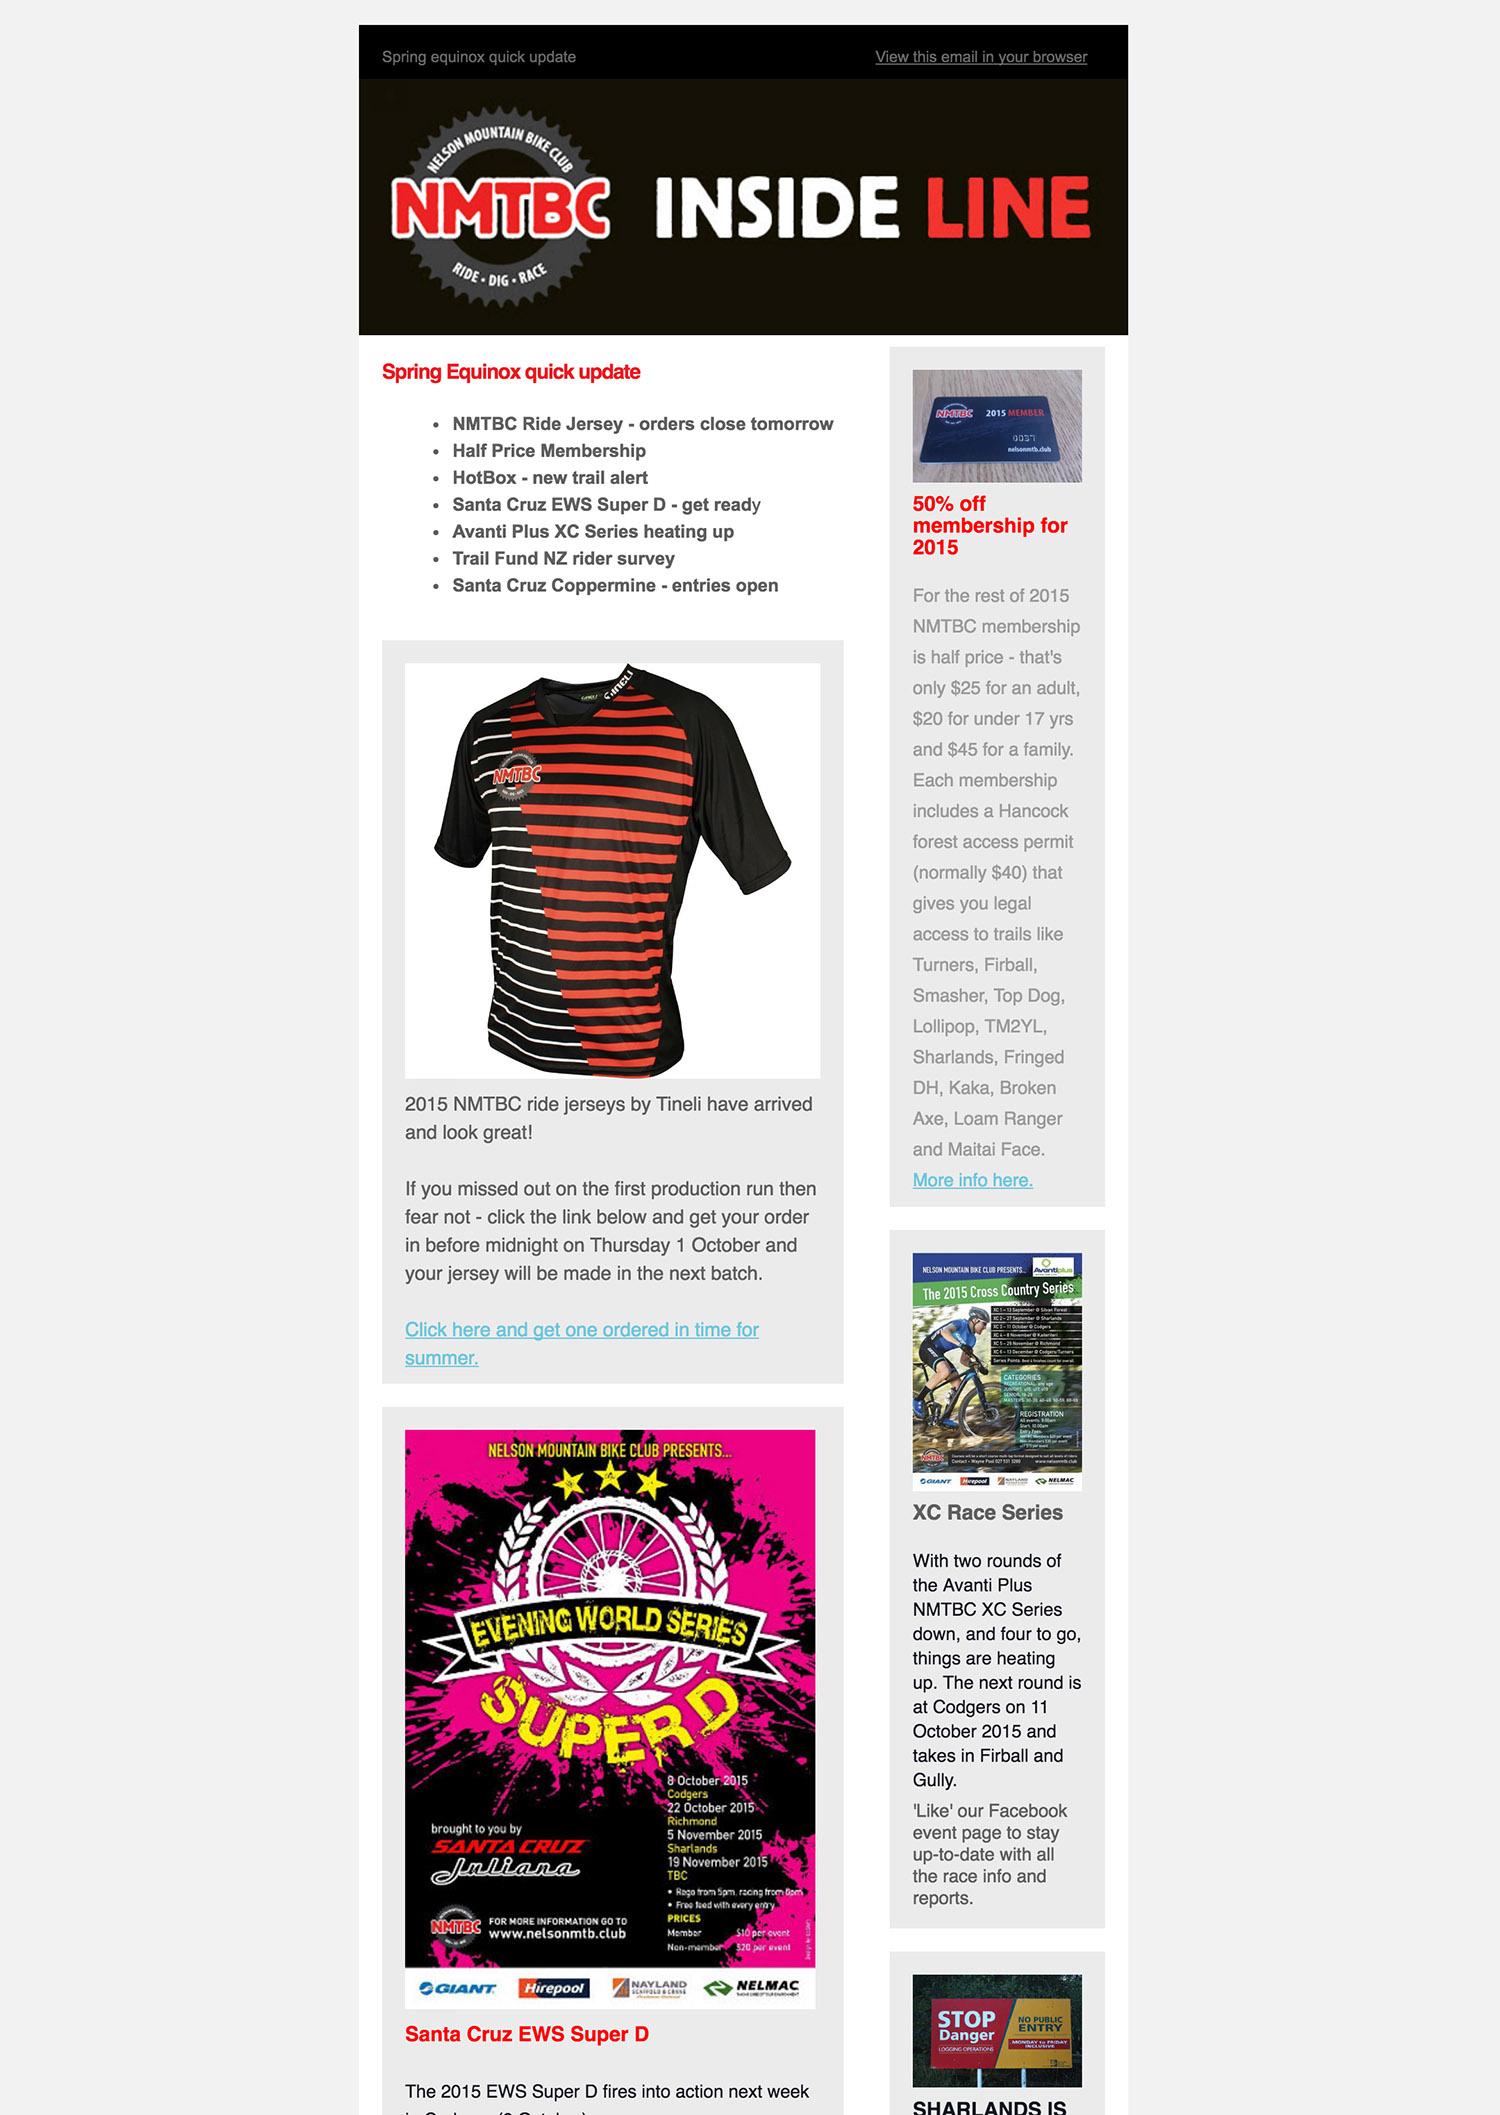 NMTBC Digital Newsletter Design